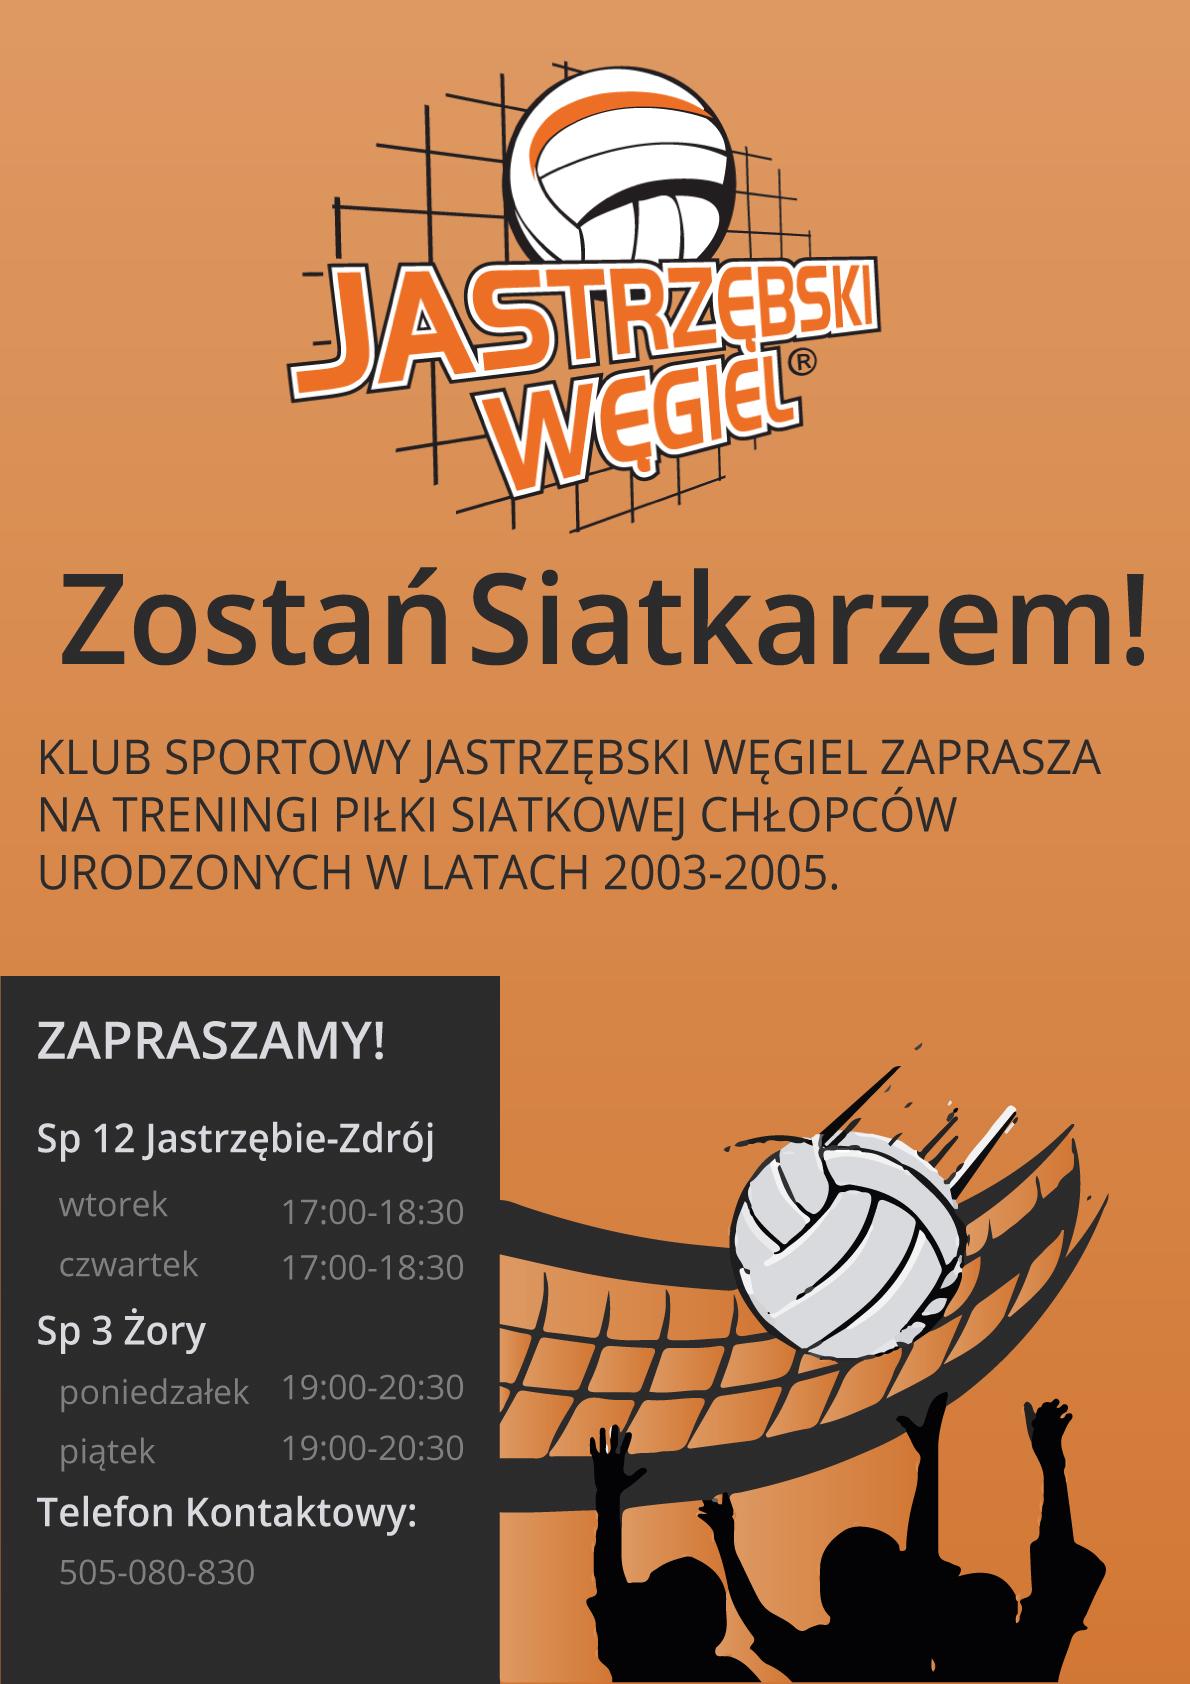 Jastrzębski Węgiel zaprasza chłopców z klas podstawowych IV-VI na treningi siatkarskie w Żorach i Jastrzębiu-Zdroju